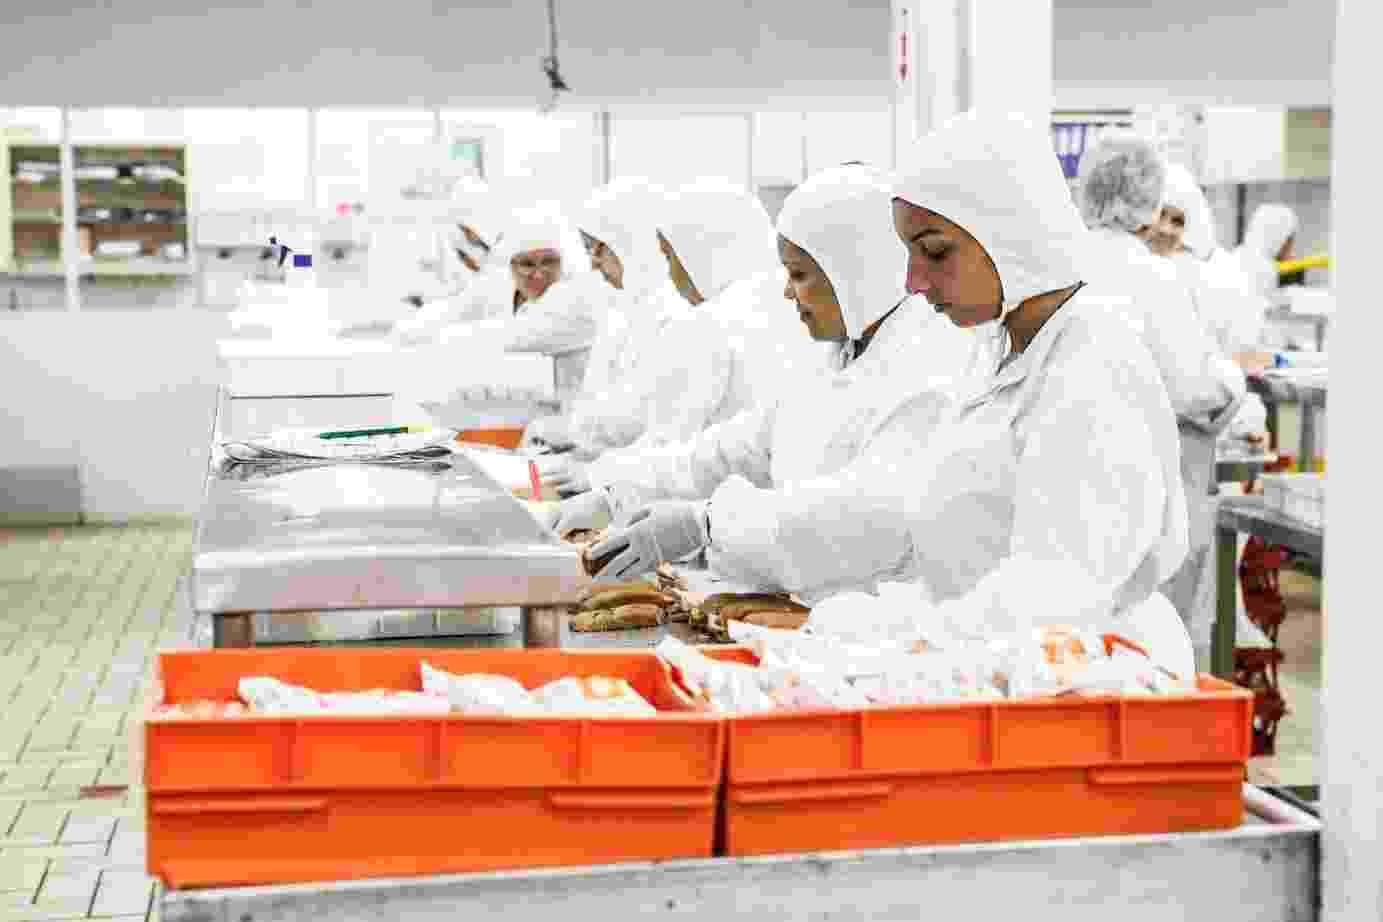 A cozinha do aeroporto de Congonhas prepara todos os dias cerca de 10 mil refeições para todos os voos que partem do aeroporto da capital paulista - Lucas Lima/UOL